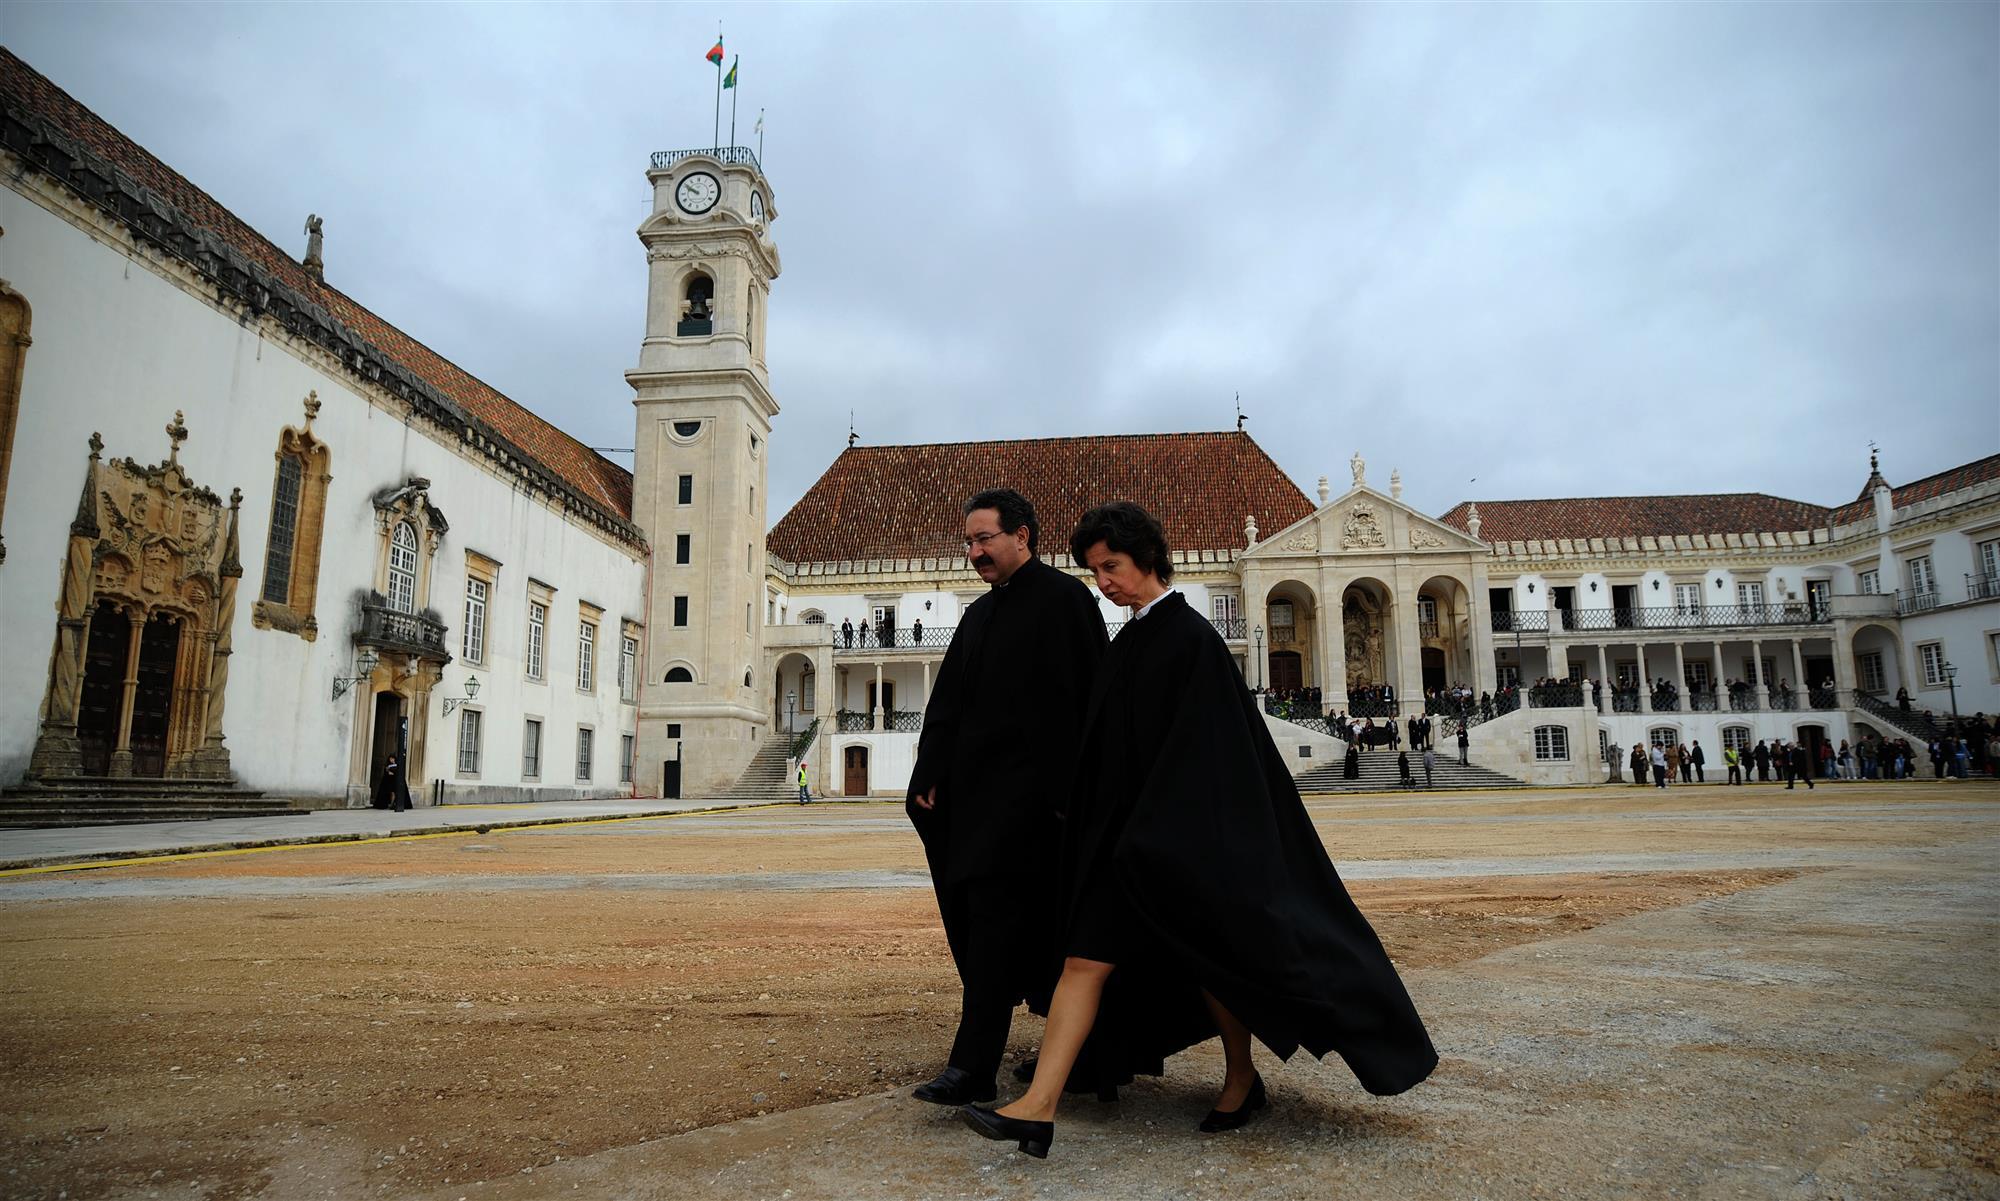 AP 110330029270. Universidad de Coimbra, Portugal